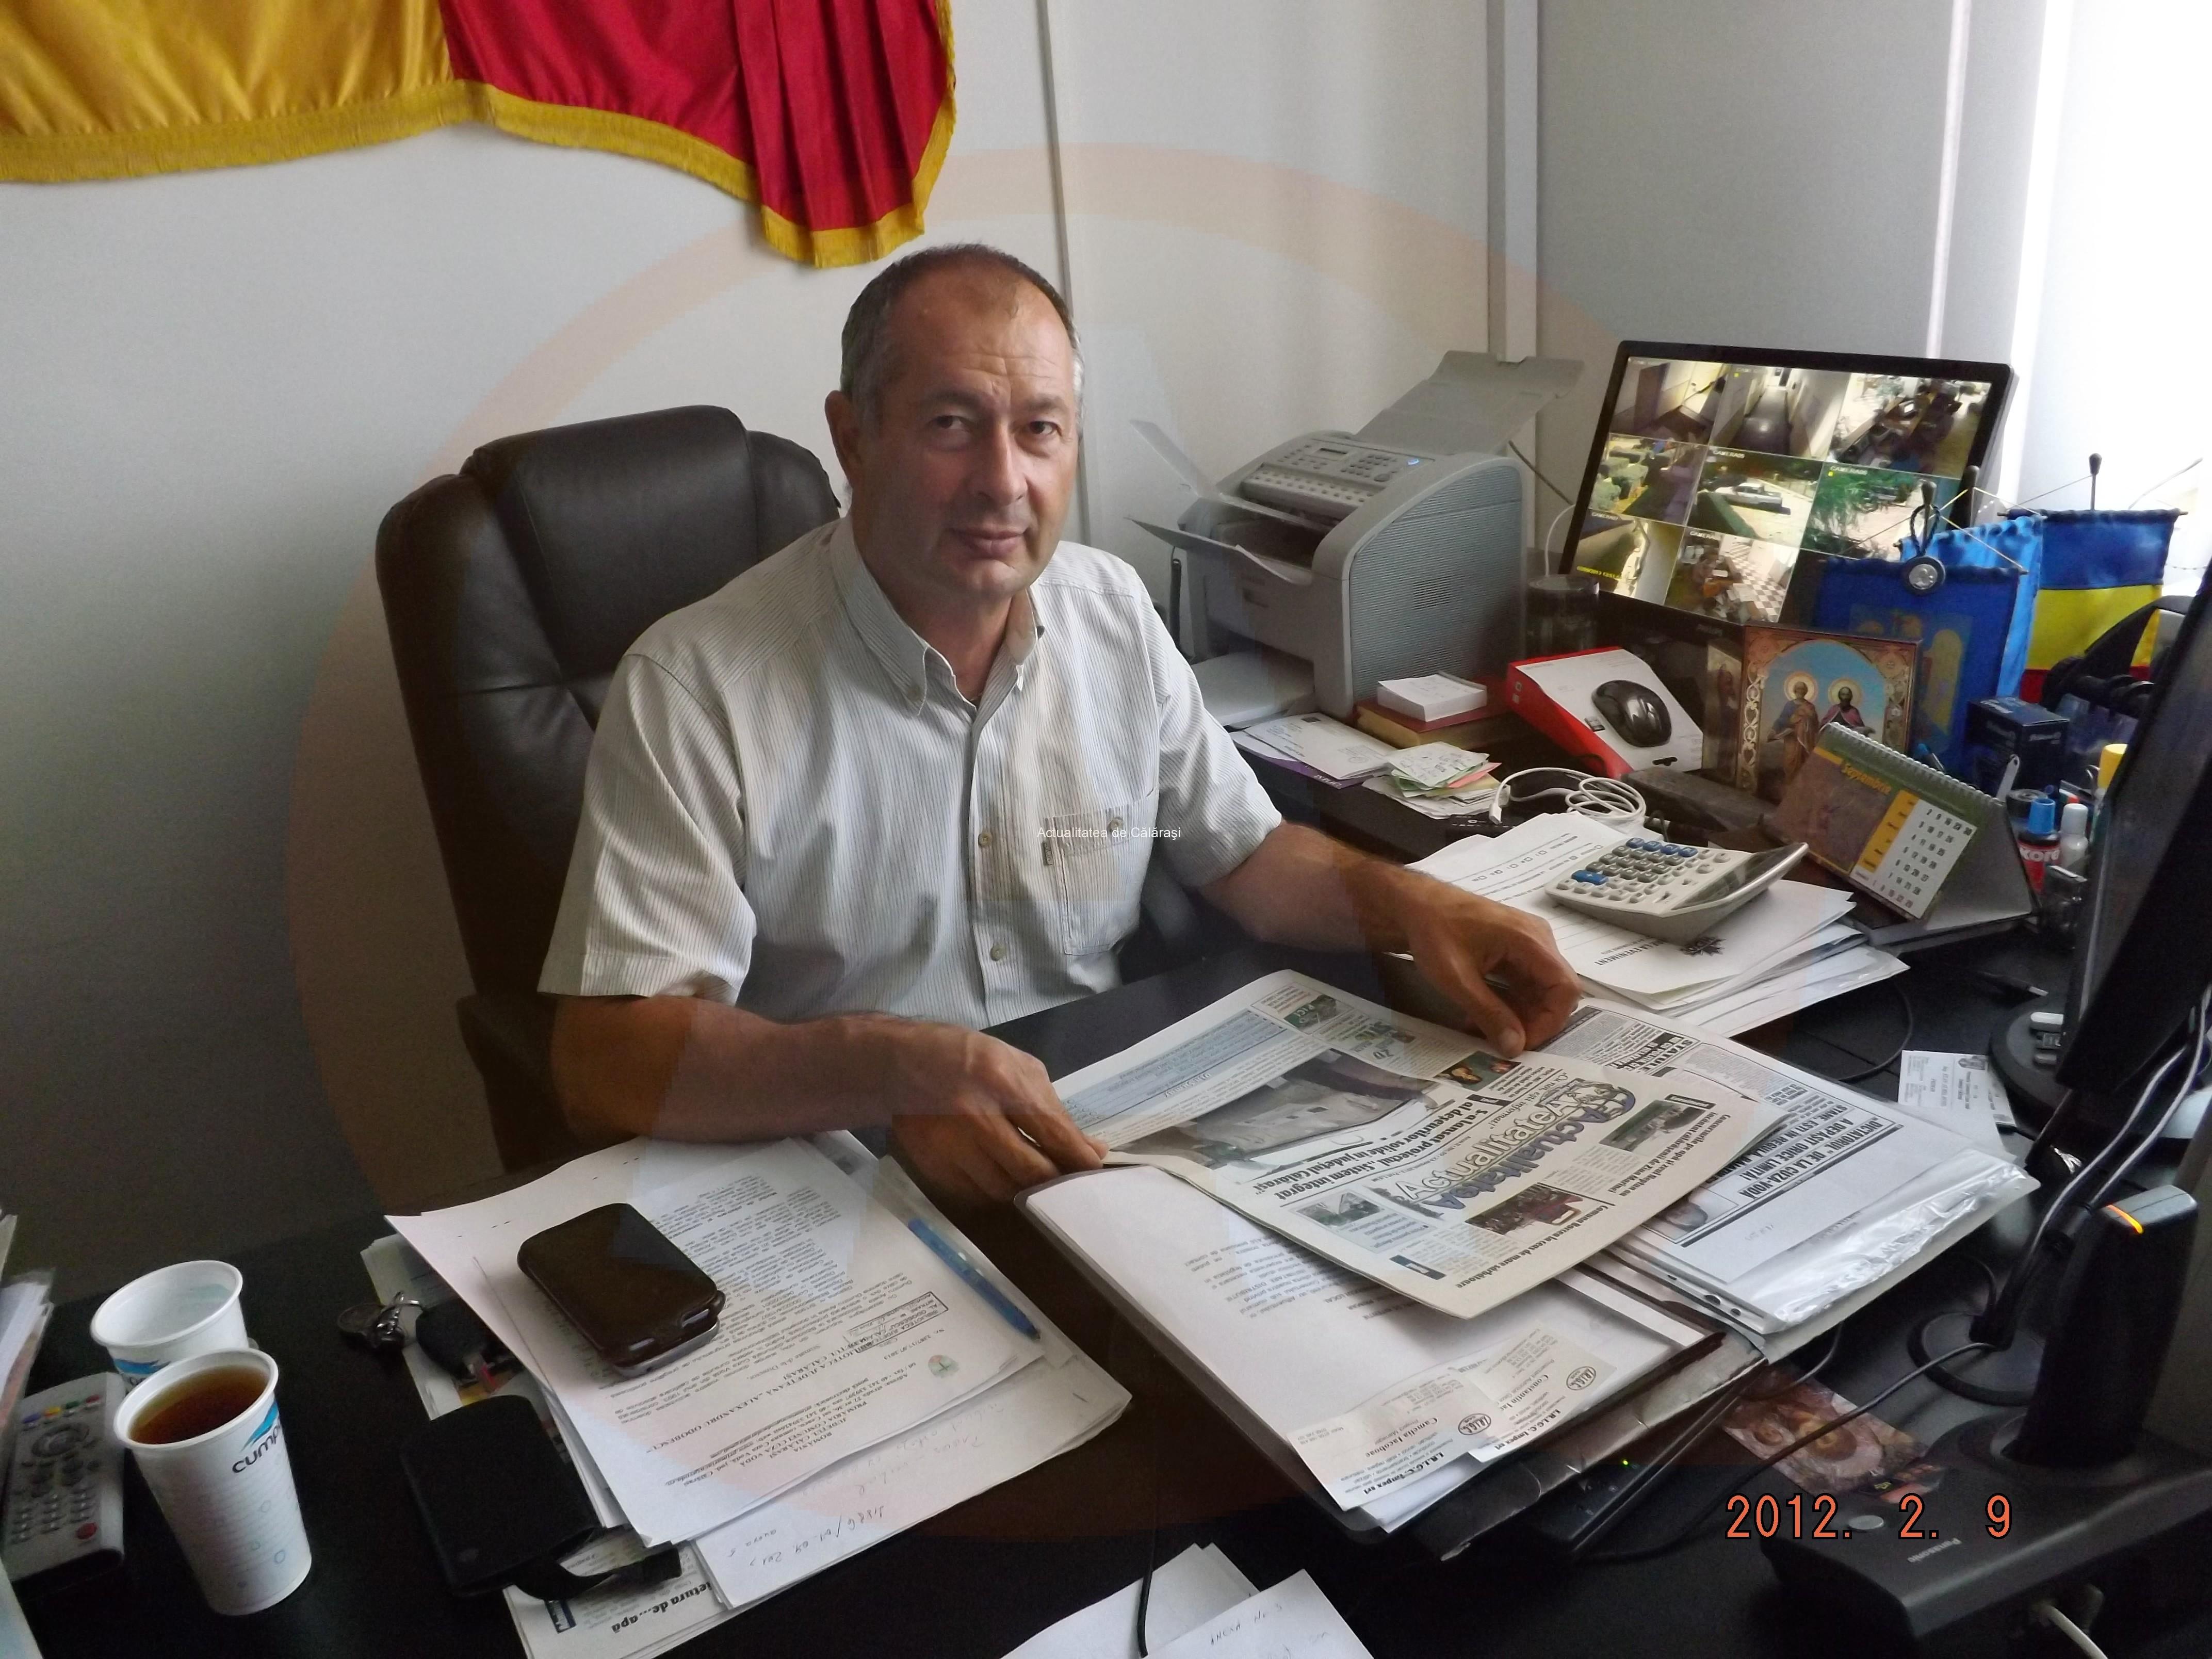 Primarul Aurel Stan/ În 8 ani, am reușit să investesc, în comuna Cuza-Vodă, bugetul pe 37 de ani